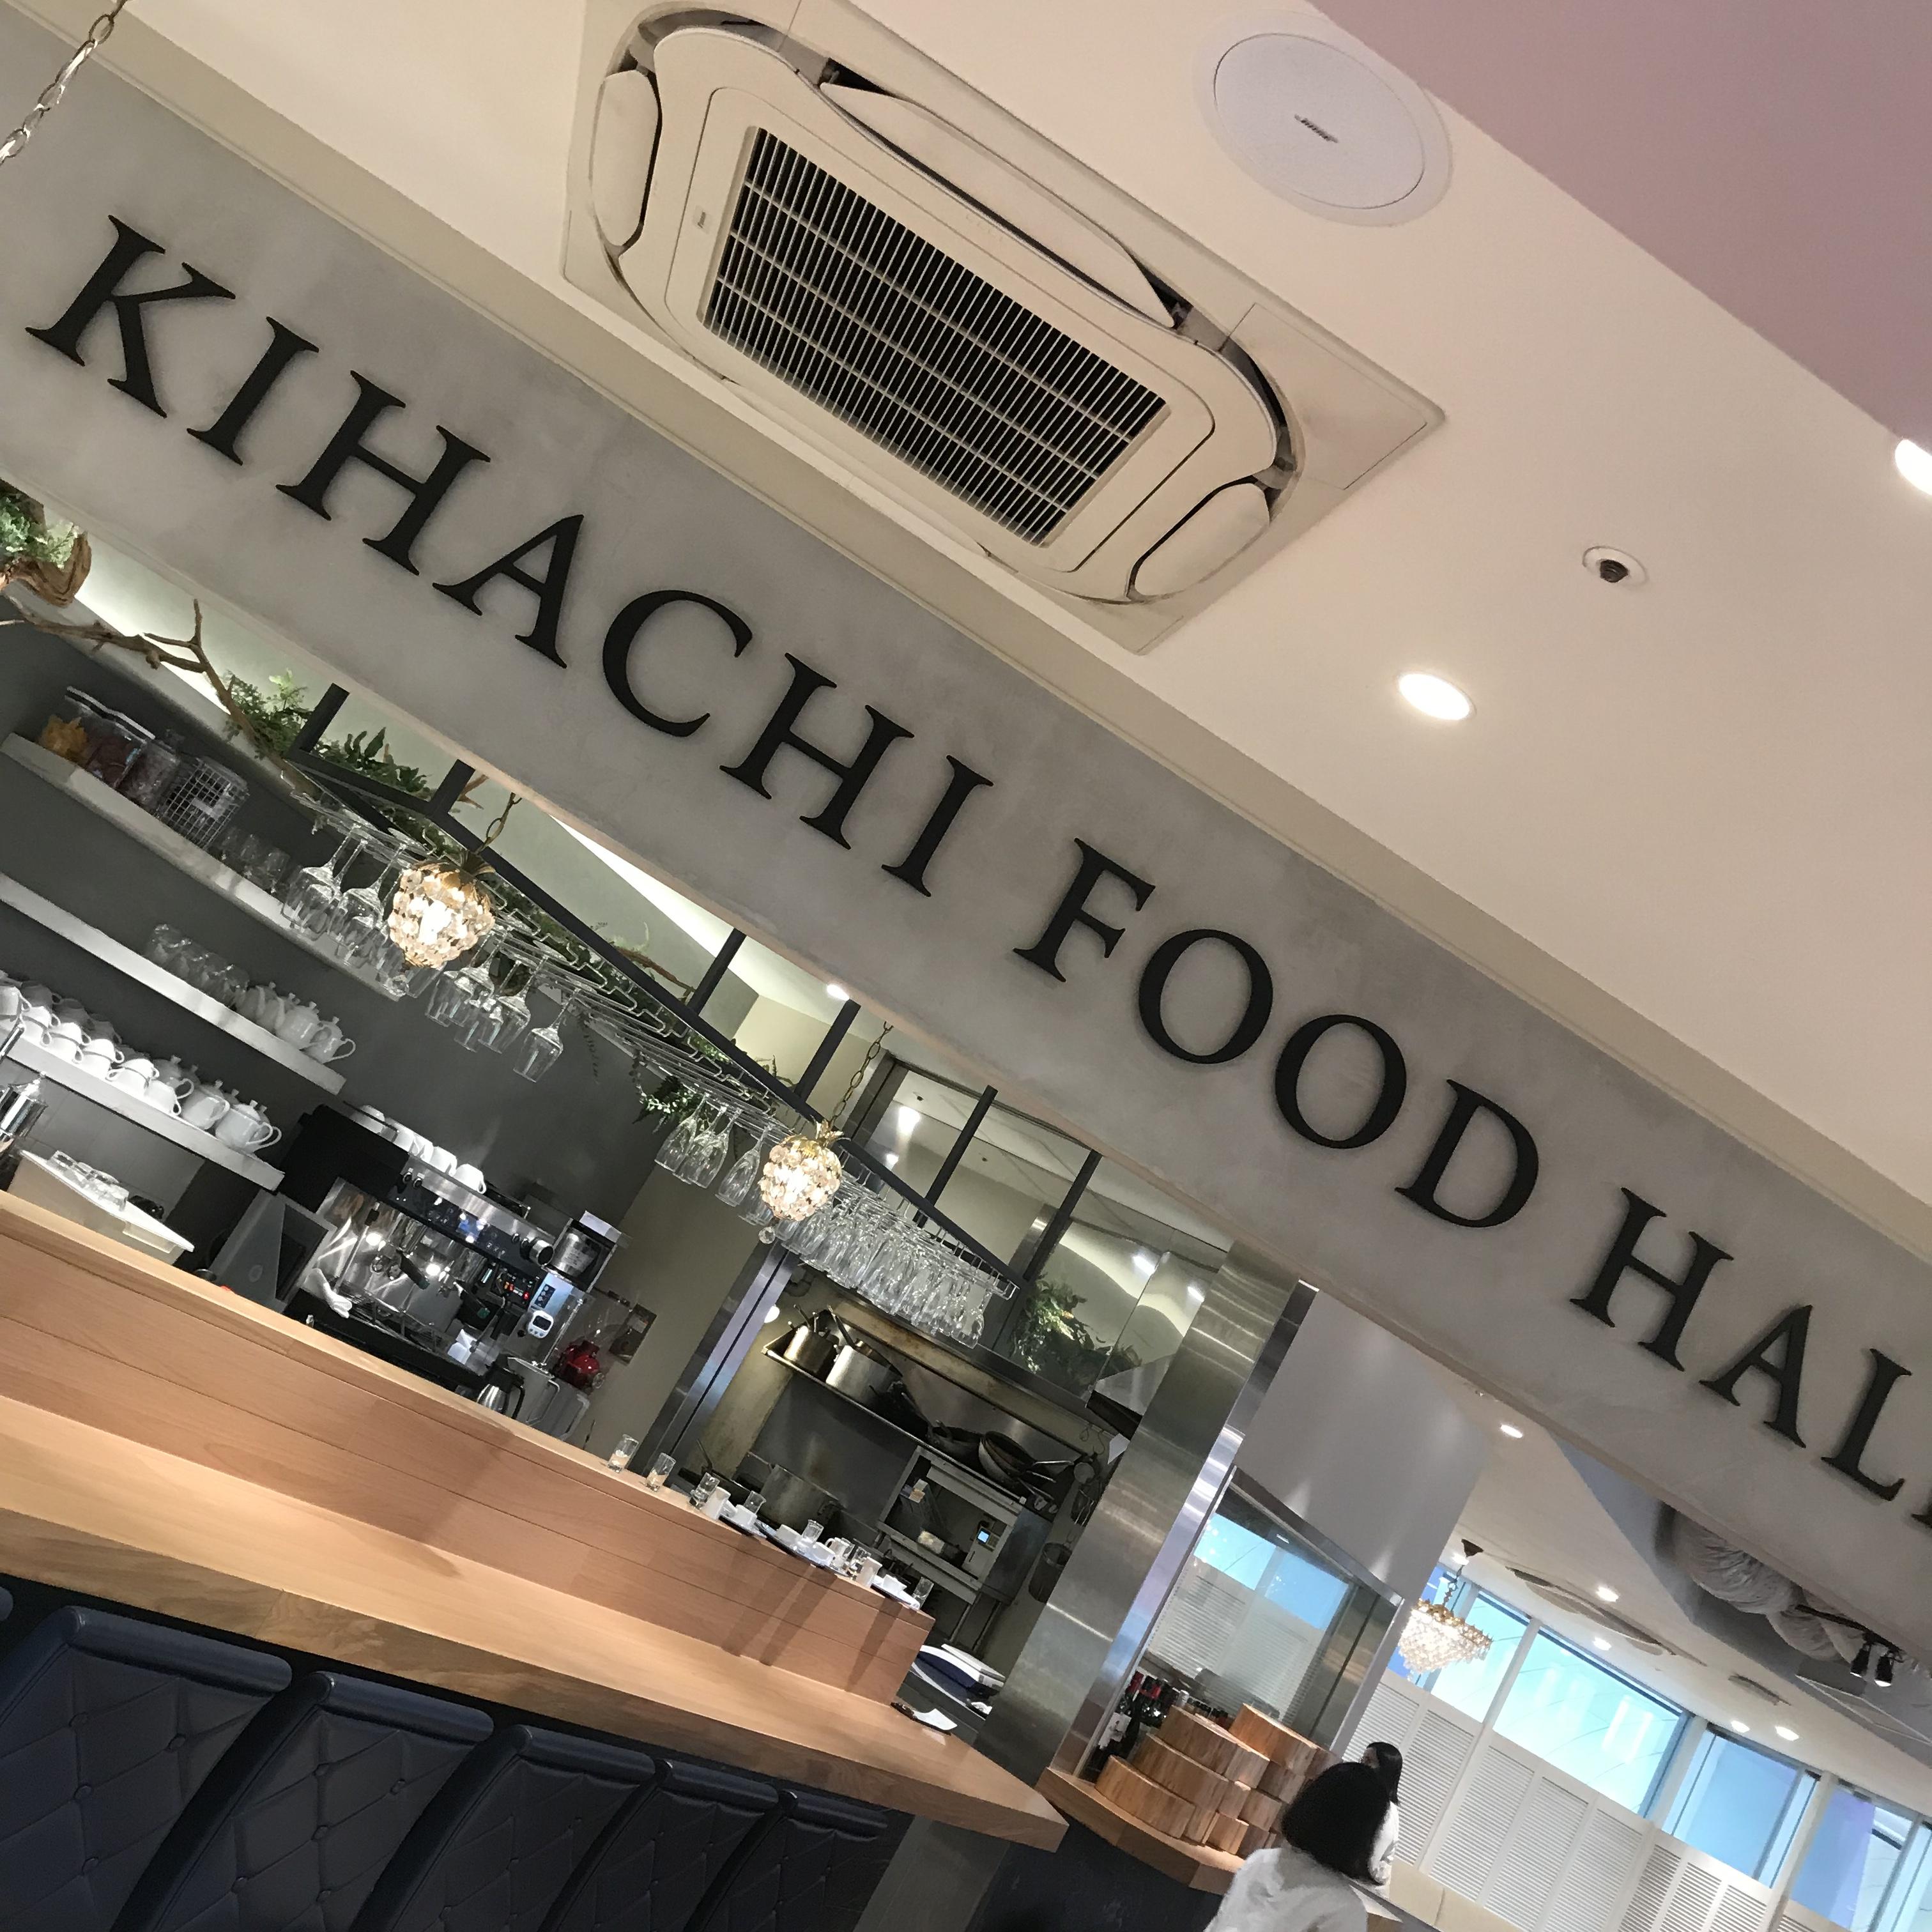 あのキハチから待望の秋の味覚スイーツ!【KIHACHI FOOD HALL】で気軽にご褒美カフェ♡_4